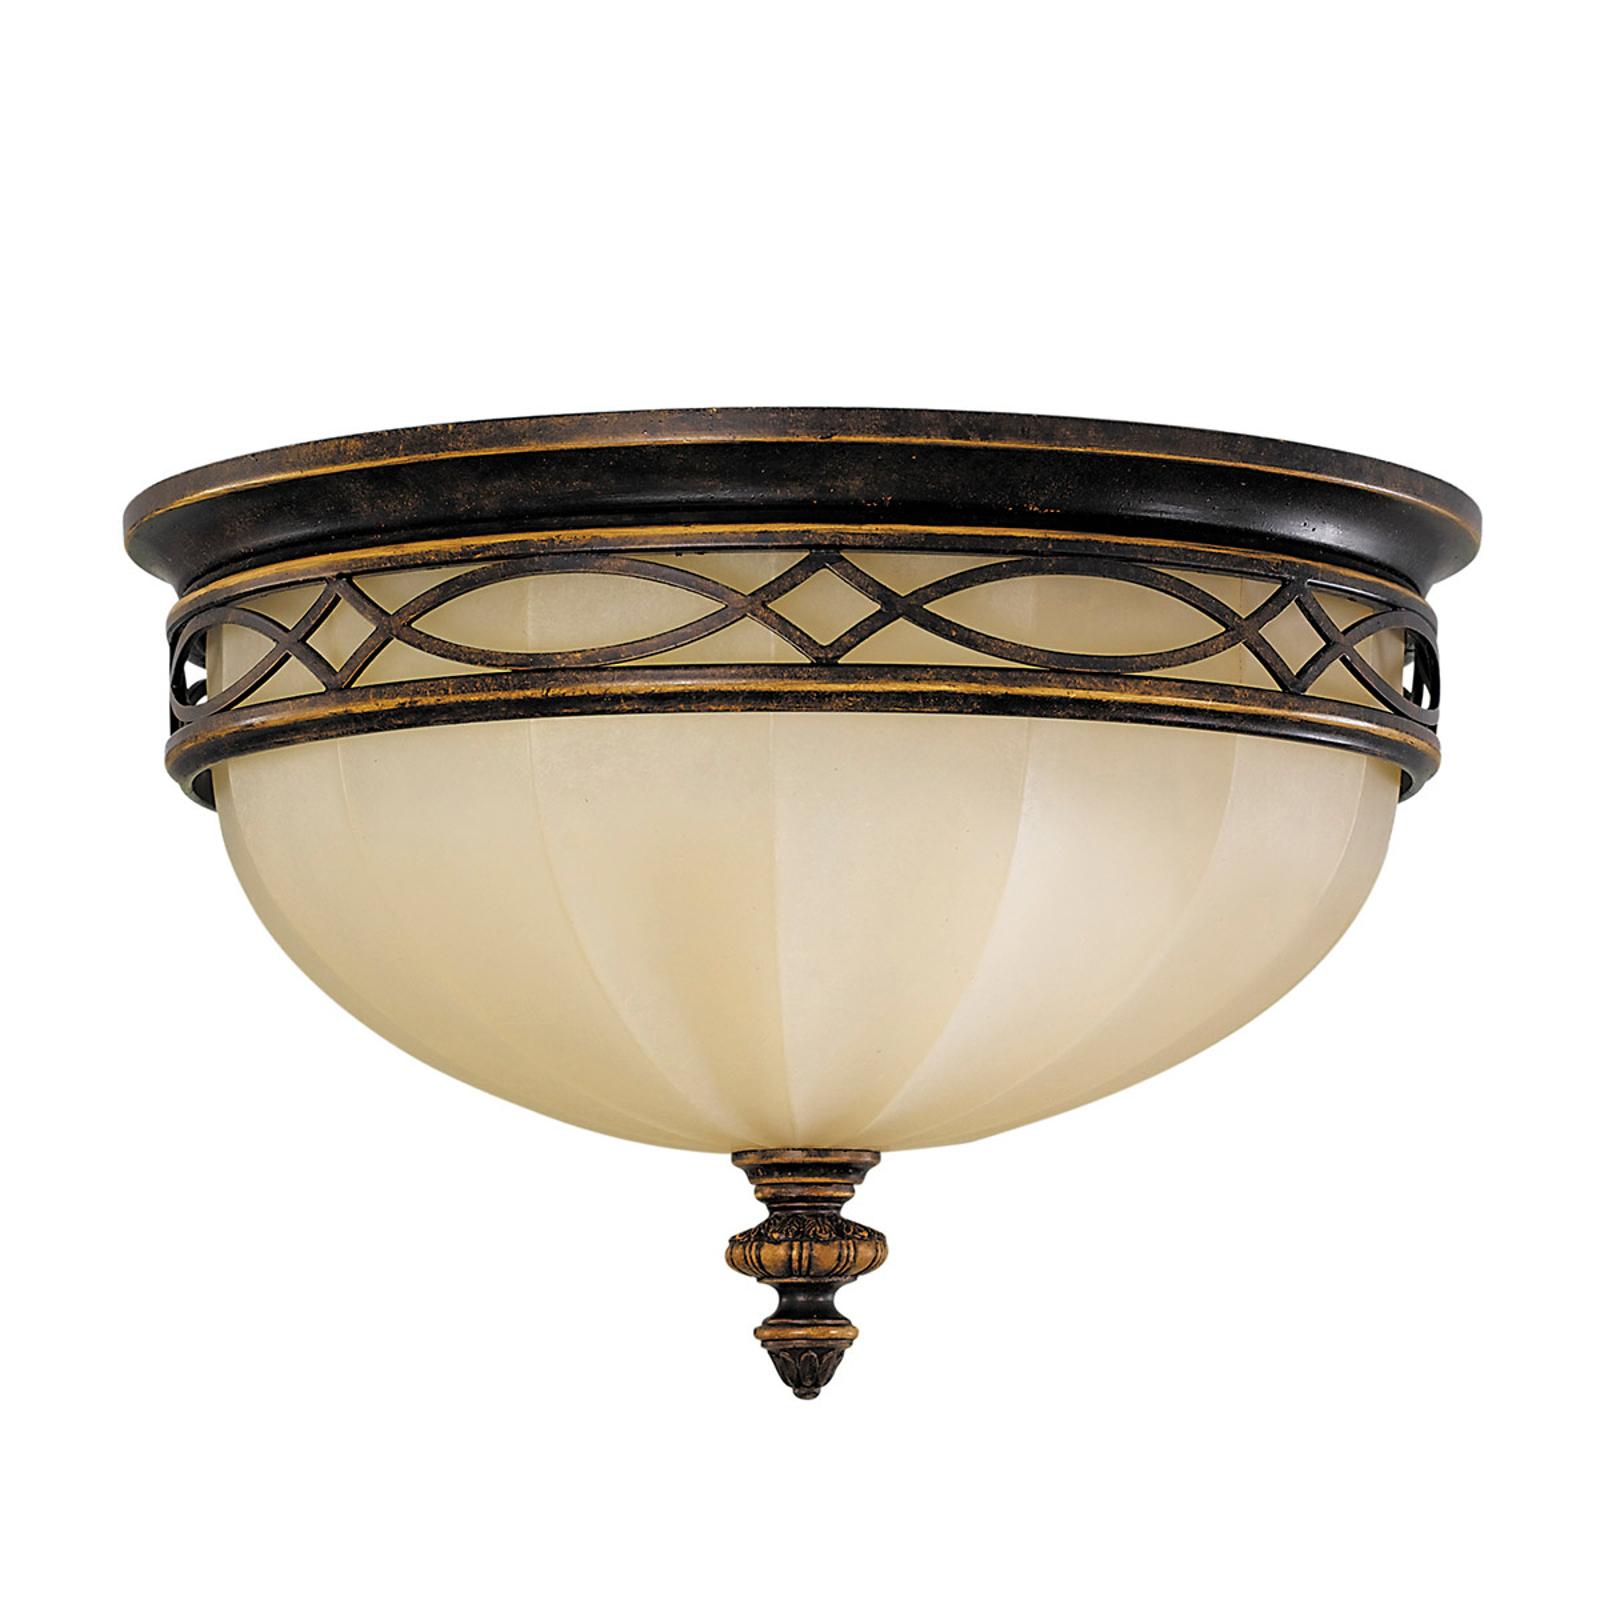 Drawing Room - lámpara de techo con vidrio Scavo